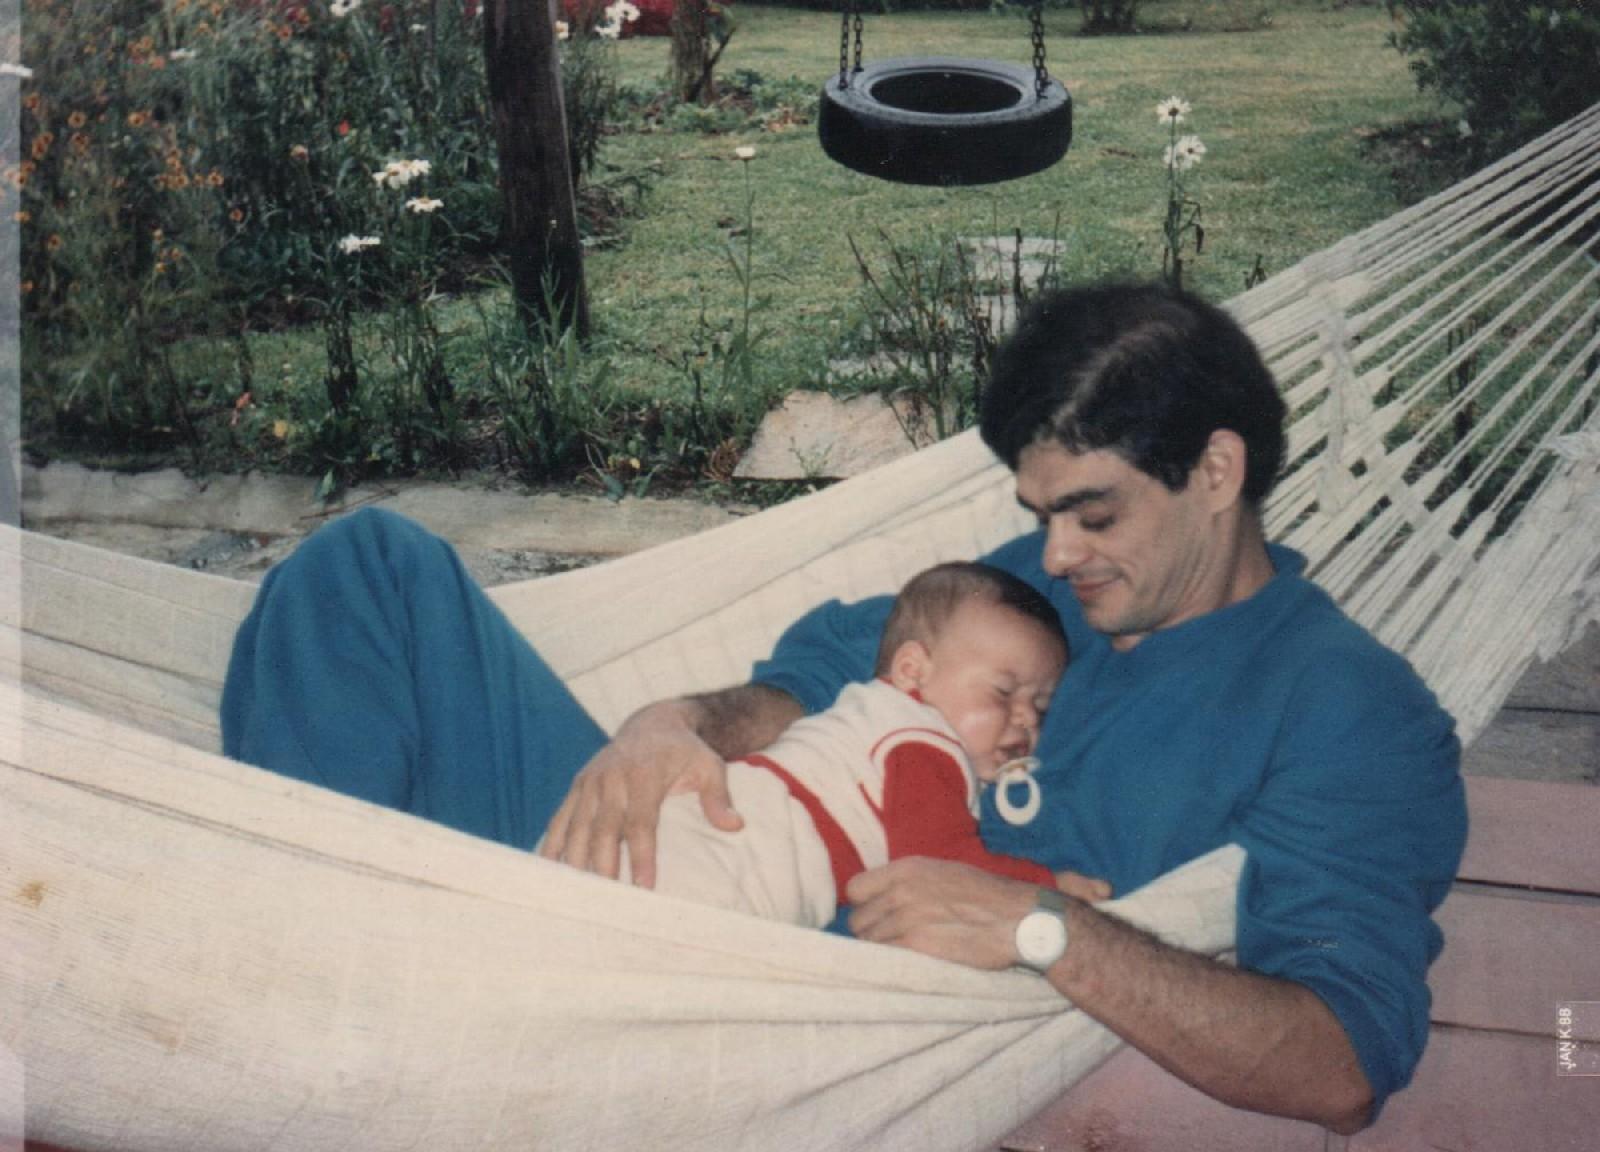 Em 1987, no sitio dos páis em Teresópolis (RJ) com o filho aos 6 meses